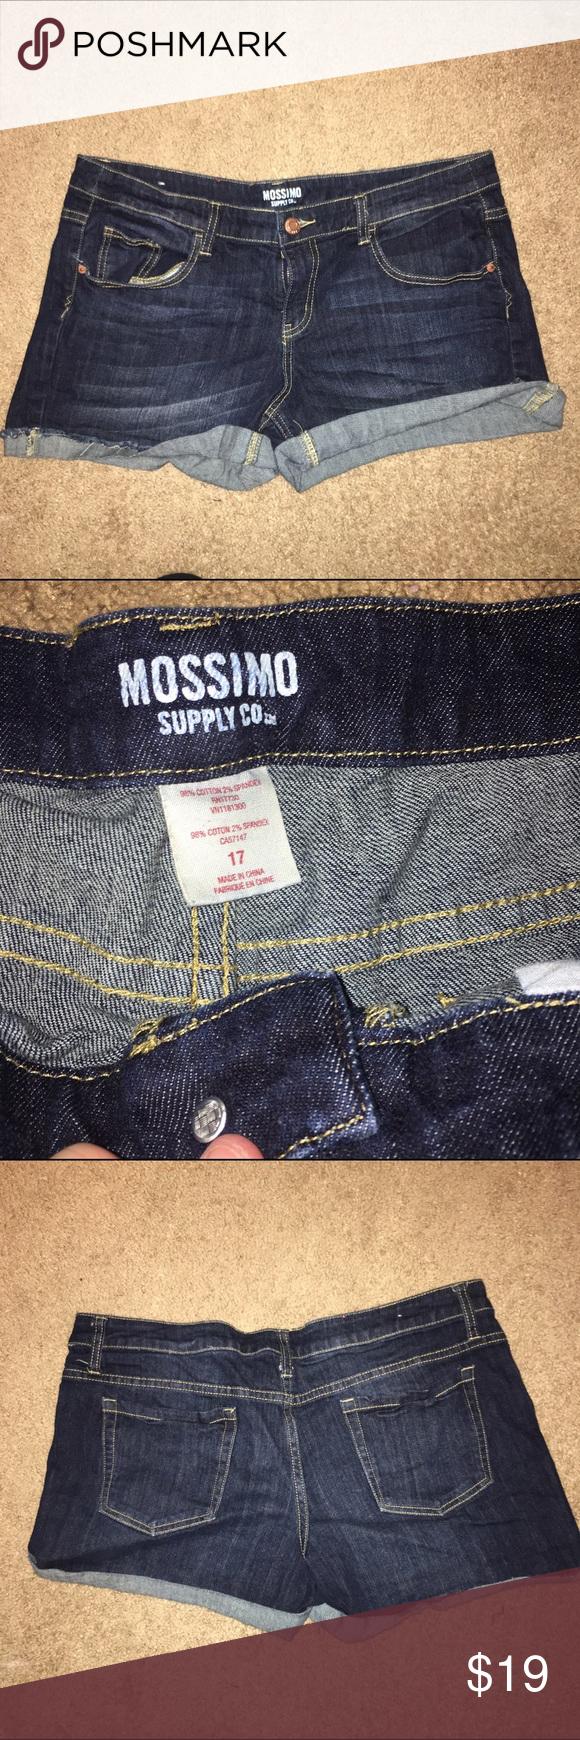 Size 17 Jean shorts So cute Shorts